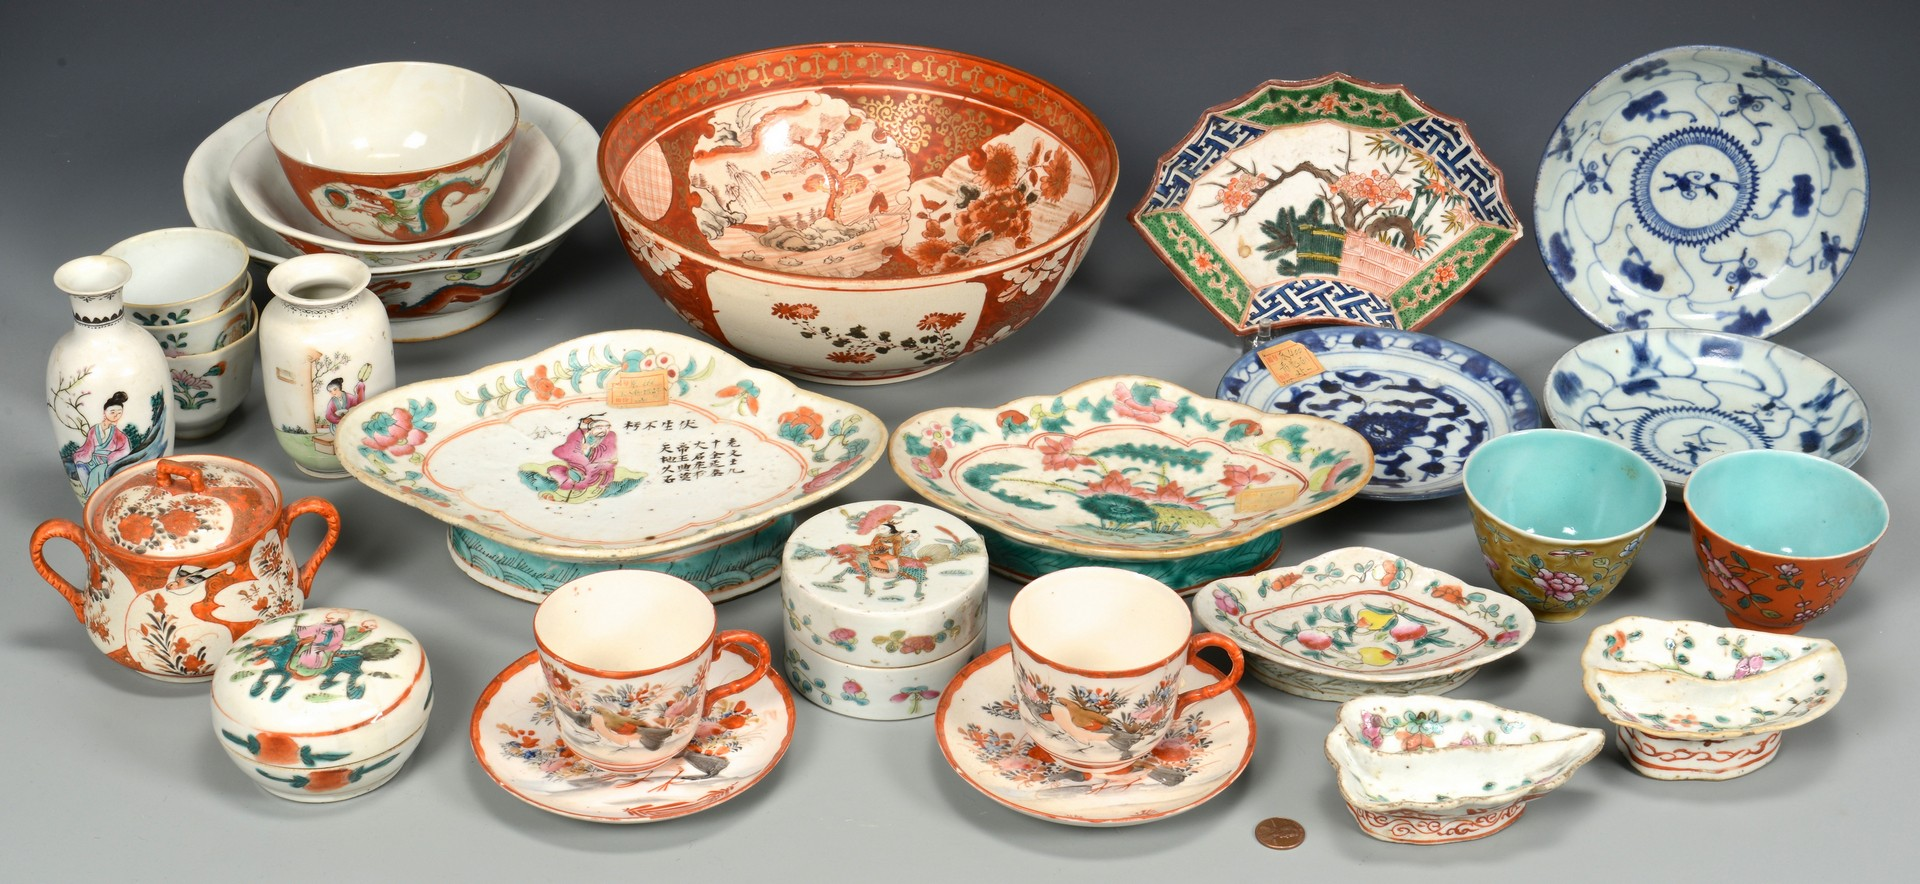 Lot 714: 25 pcs assorted Asian Porcelain